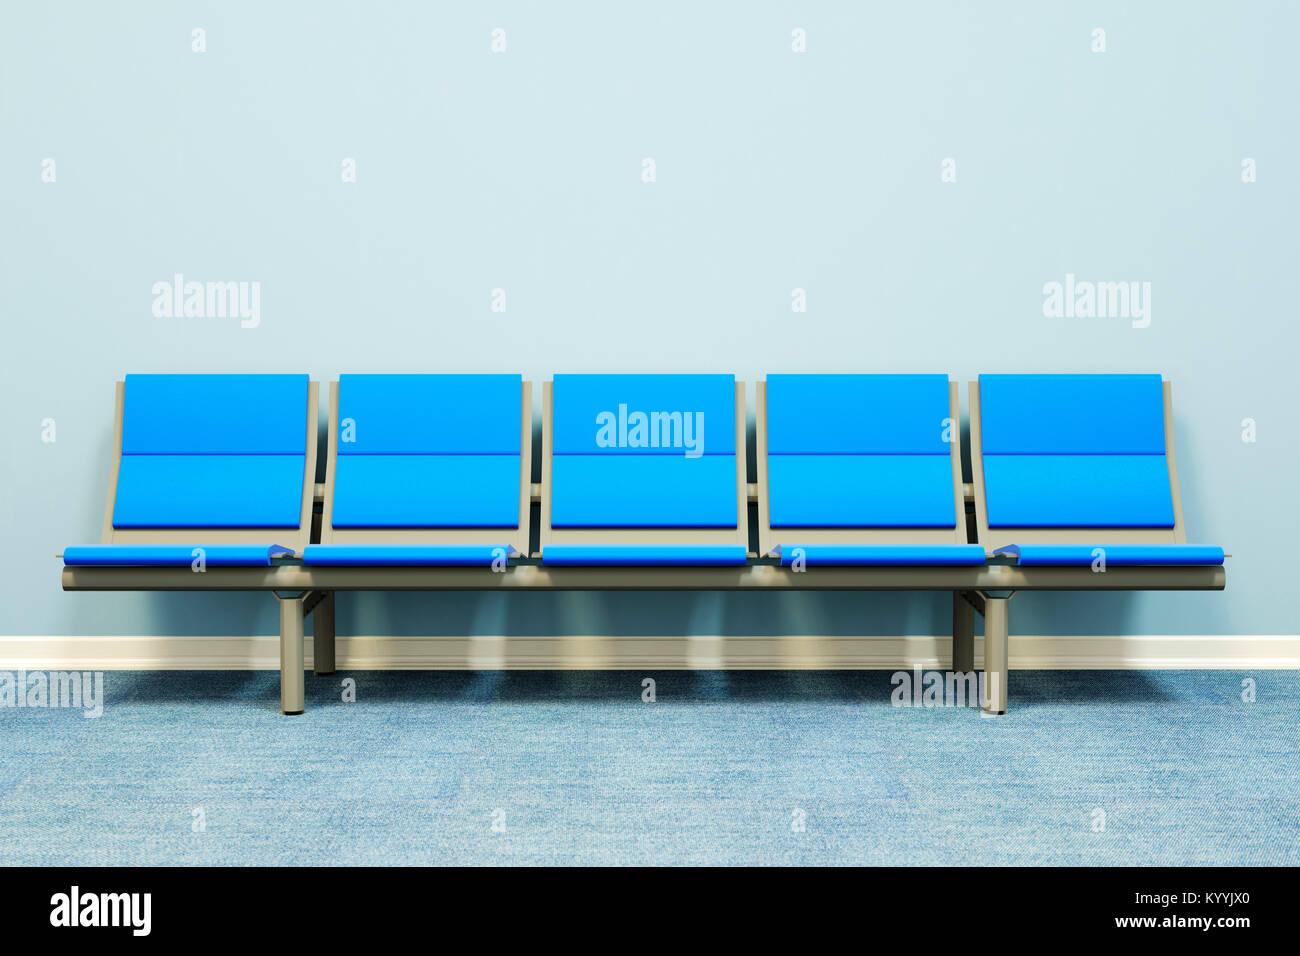 Cinque posti a sedere in una fila contro una parete in una stanza vuota - Sala di attesa, ospedale, medici, medici, Immagini Stock